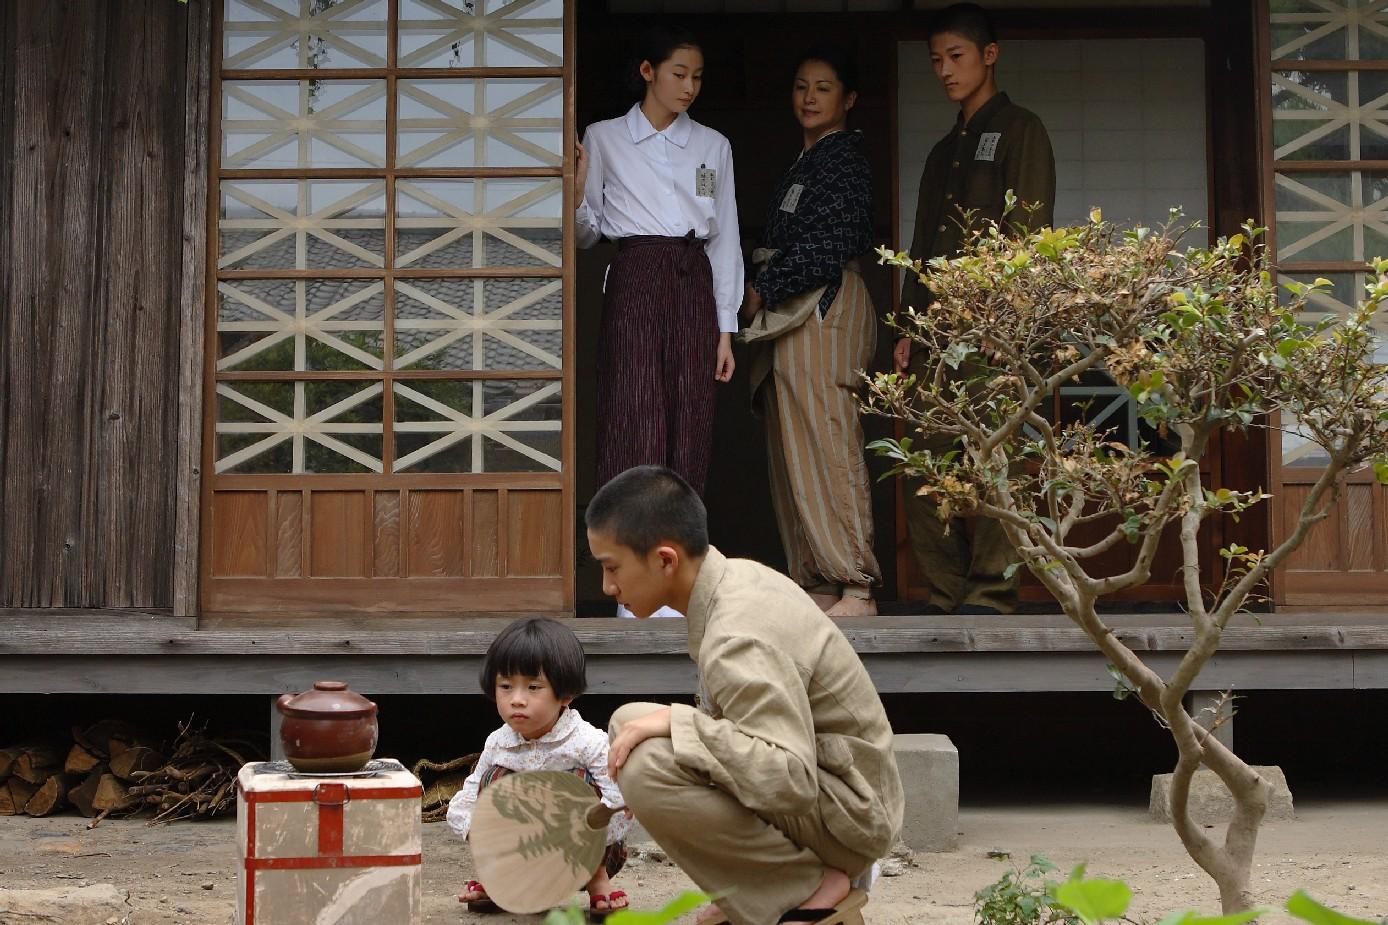 野坂昭如氏の『火垂るの墓』実写映画 秋葉映画祭で追悼上映